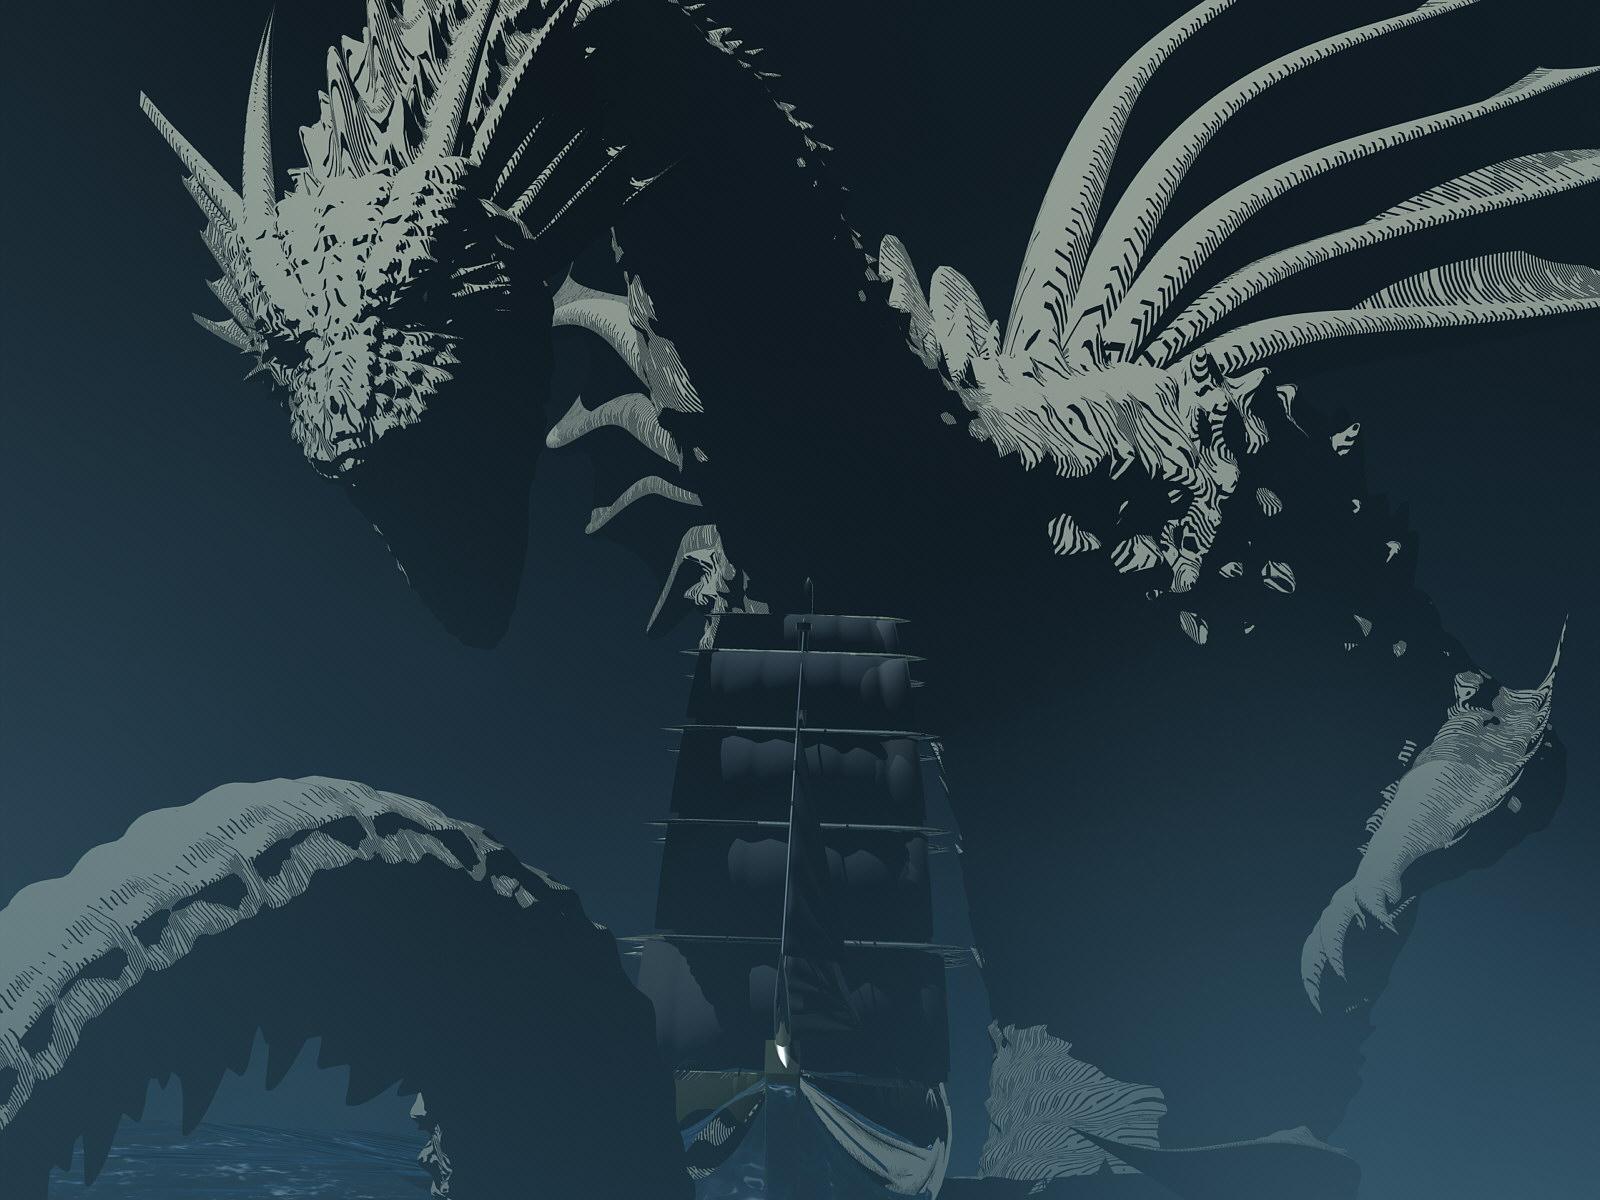 DeepSea Dragon vs. Galleon